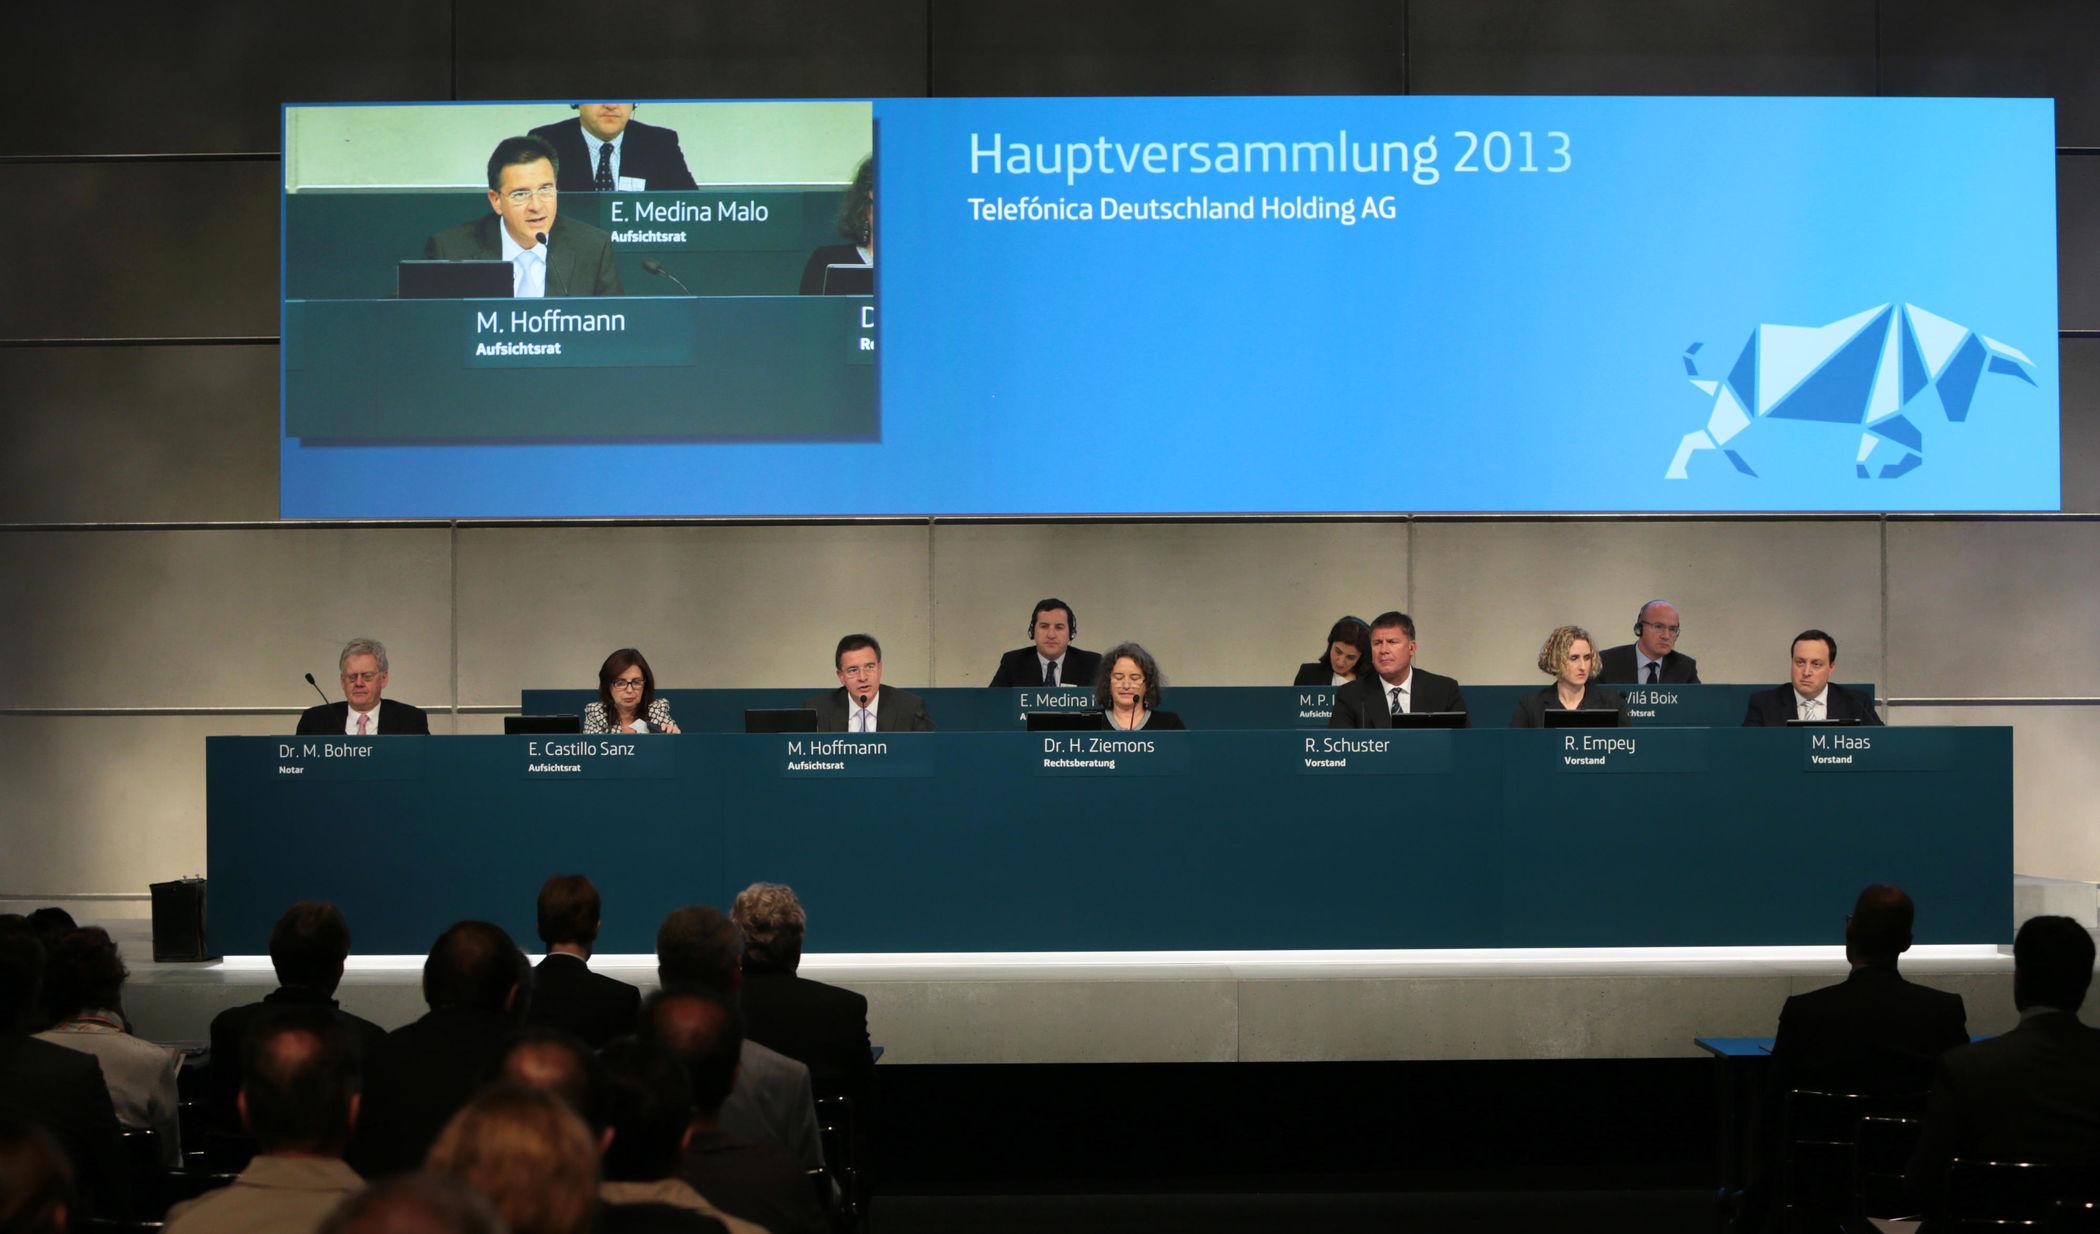 Hauptversammlung Telefonica Deutschland